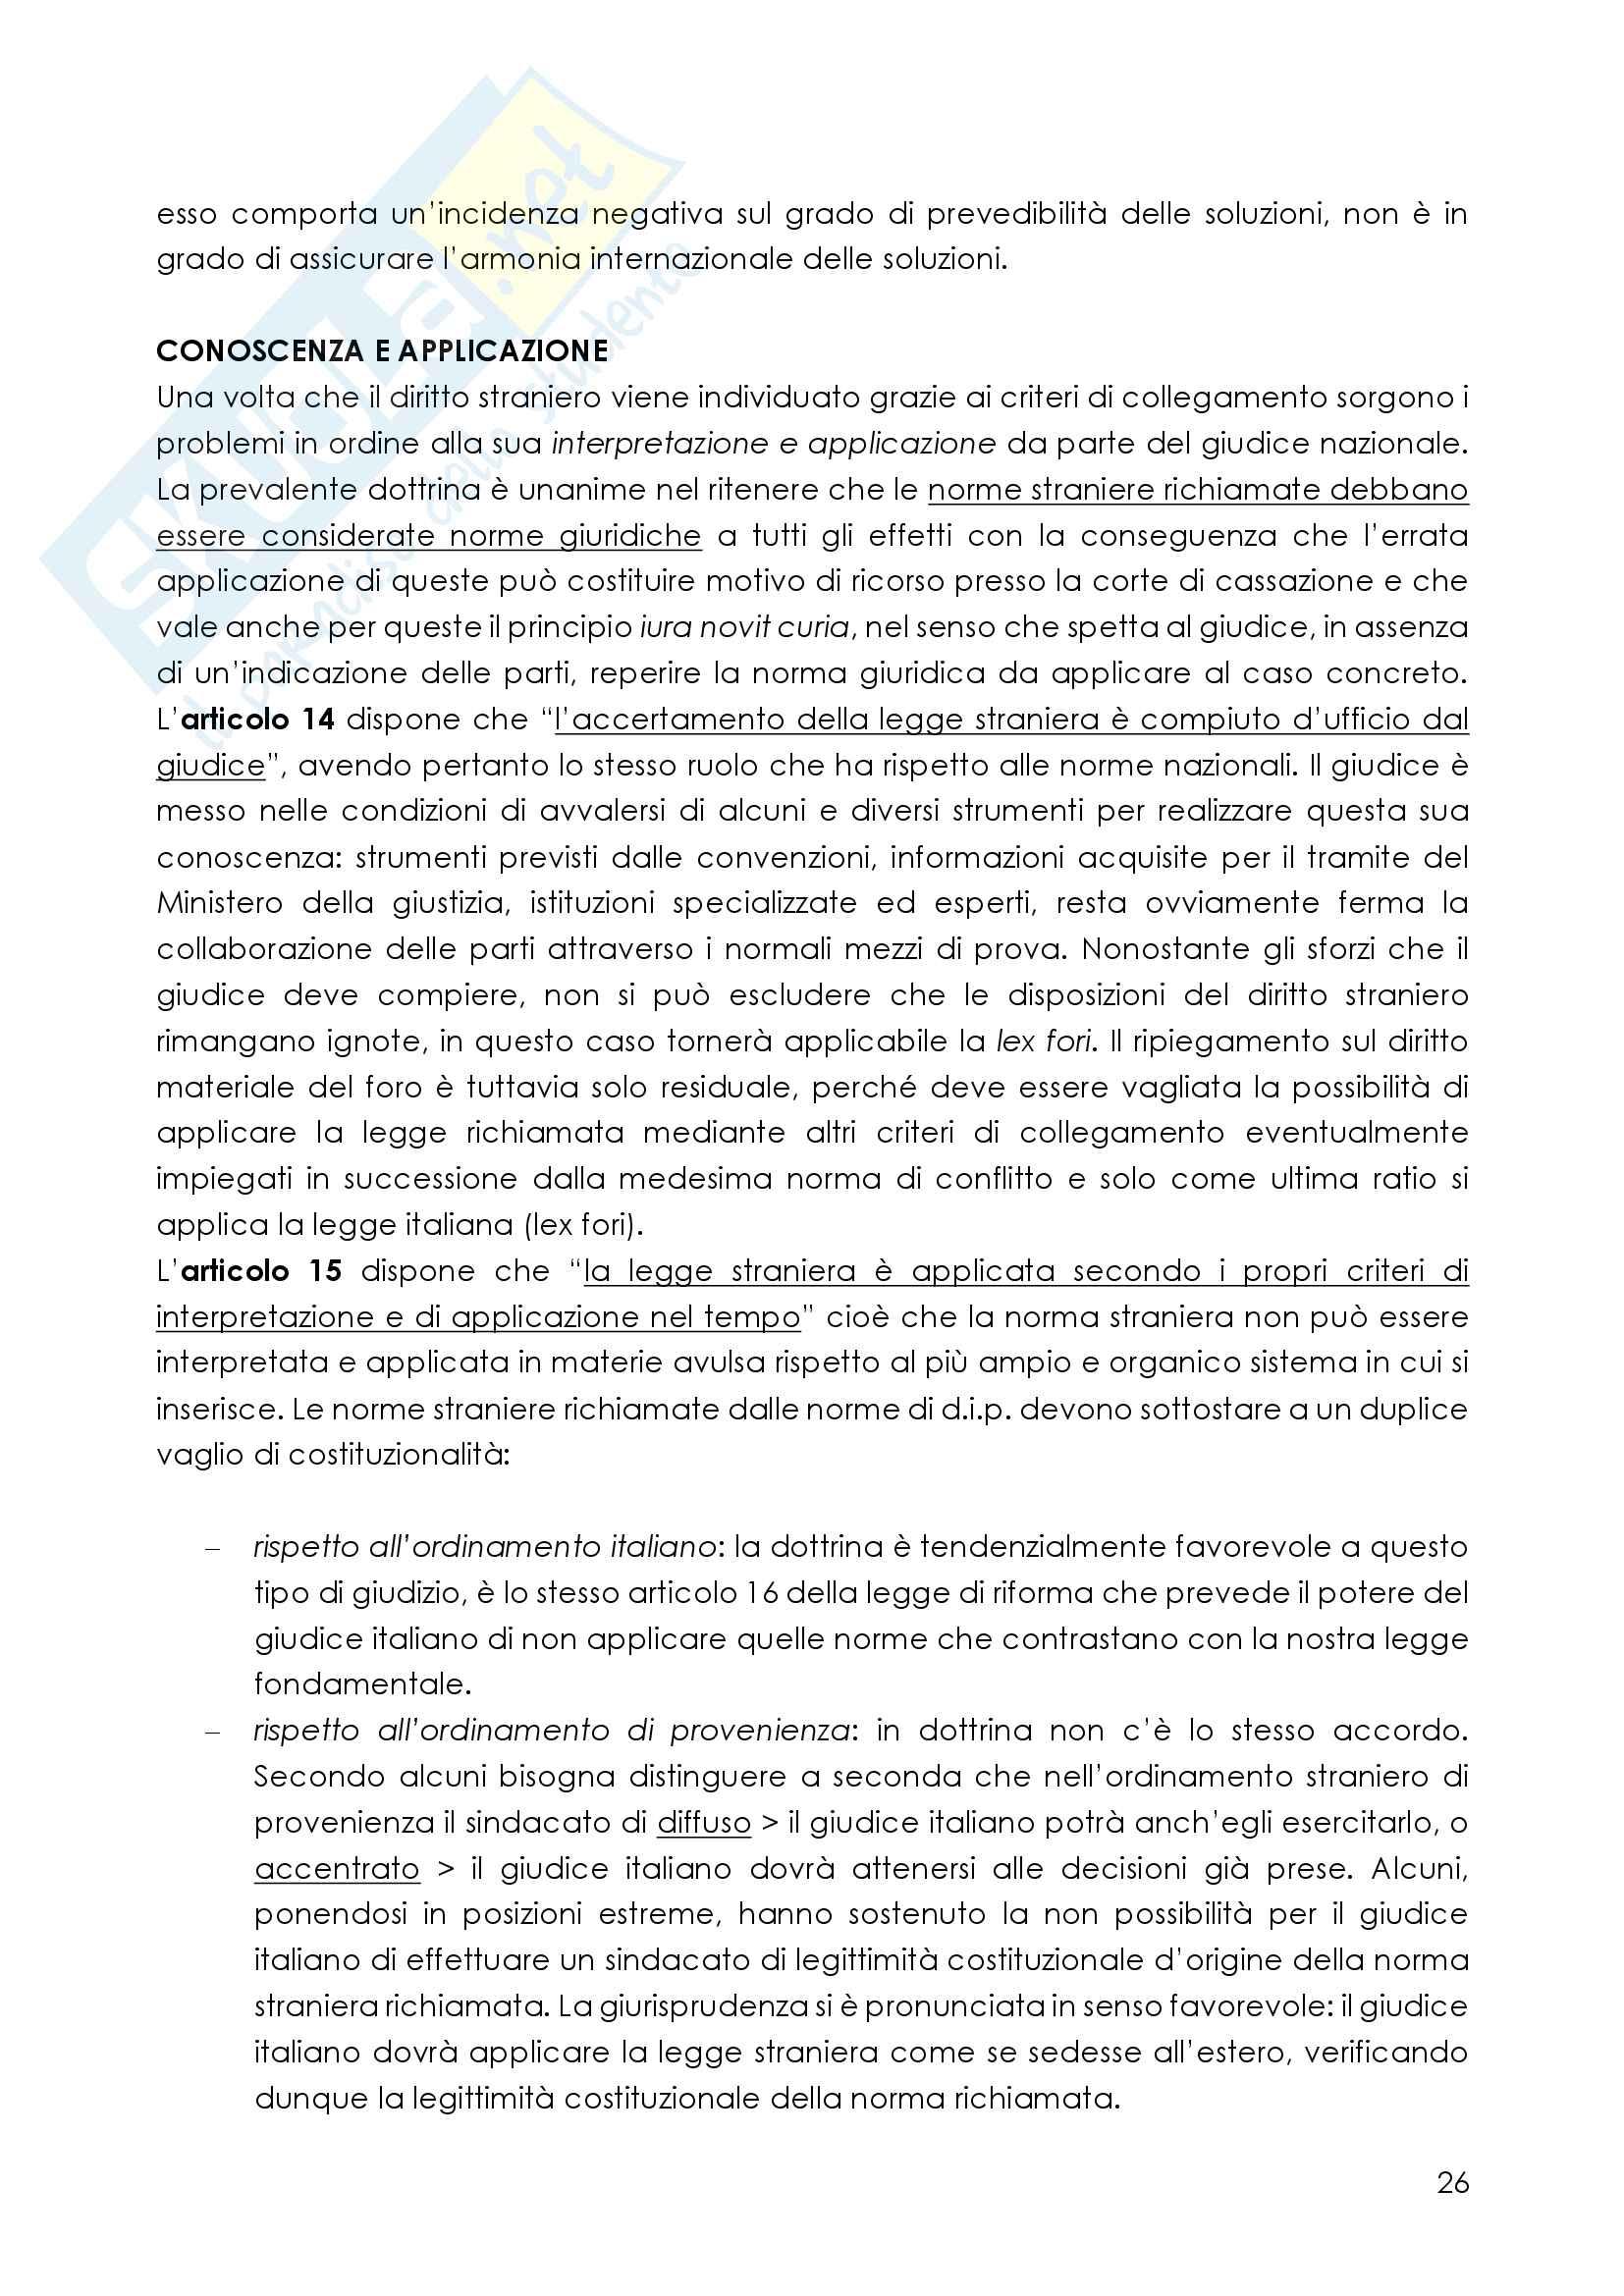 Riassunto diritto internazionale privato, prof. Fumagalli, libro consigliato Diritto internazionale privato, Mosconi, Campiglio, ultima edizione Pag. 26